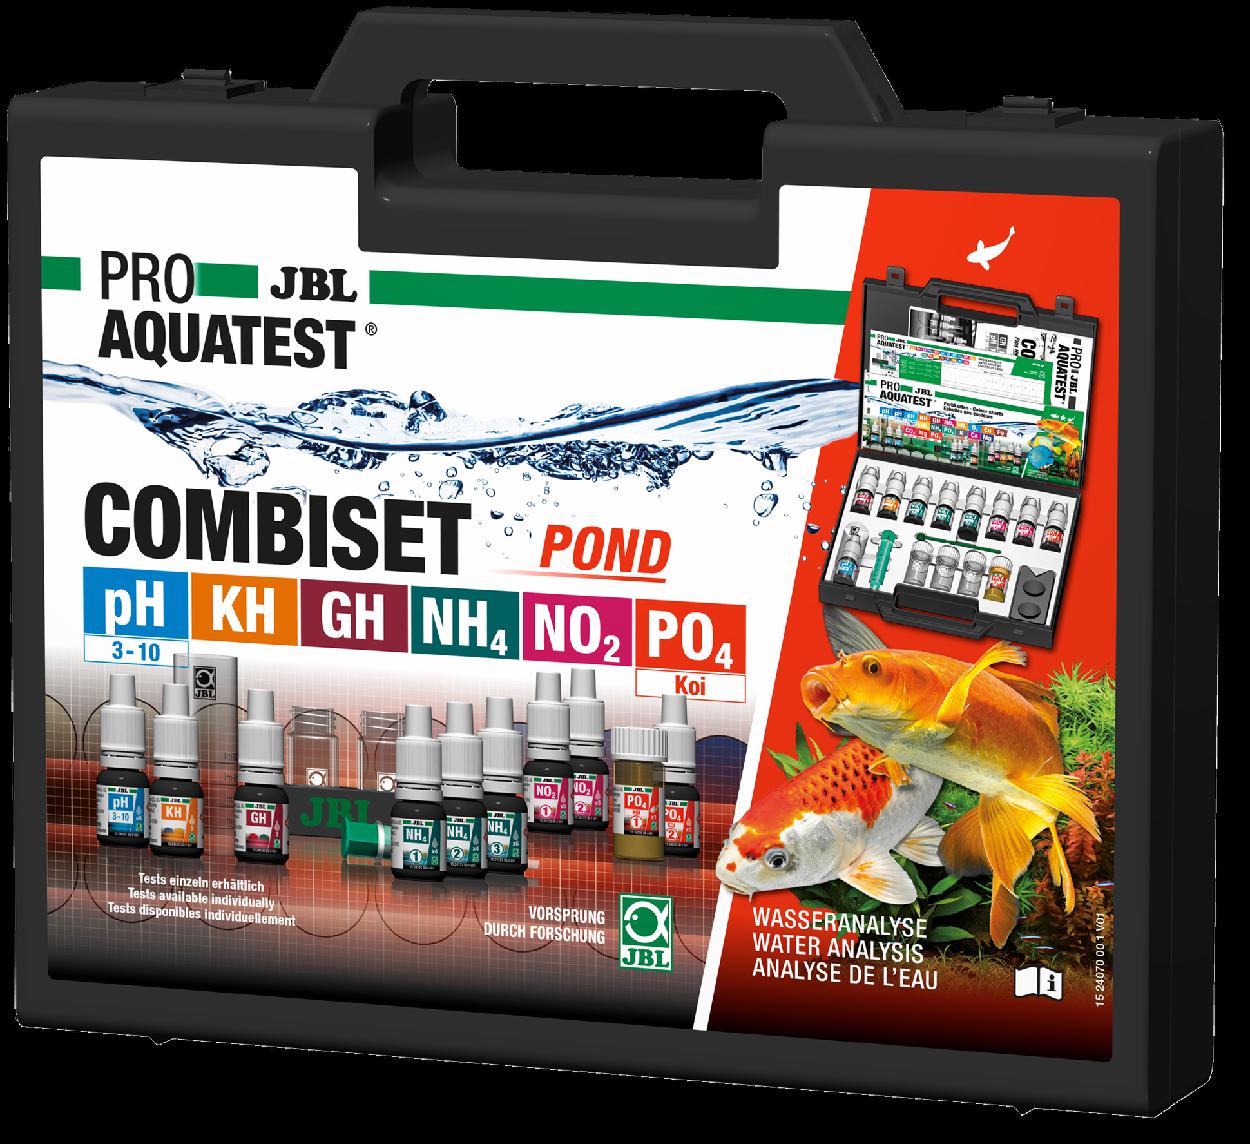 JBL ProaquaTest CombiSet Pond